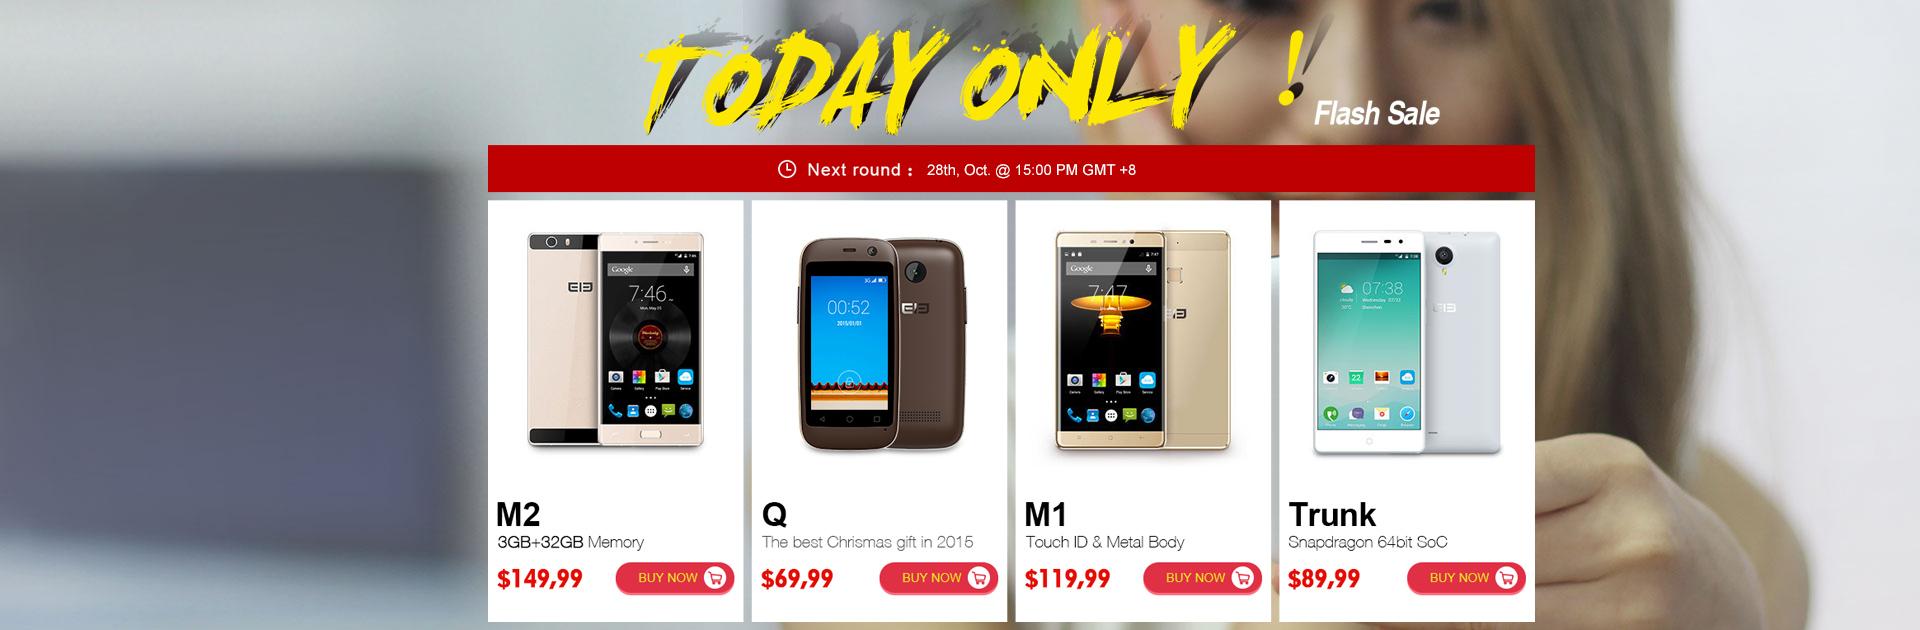 Nuevamente elephone M2 en 150 dólares el 28 de octubre